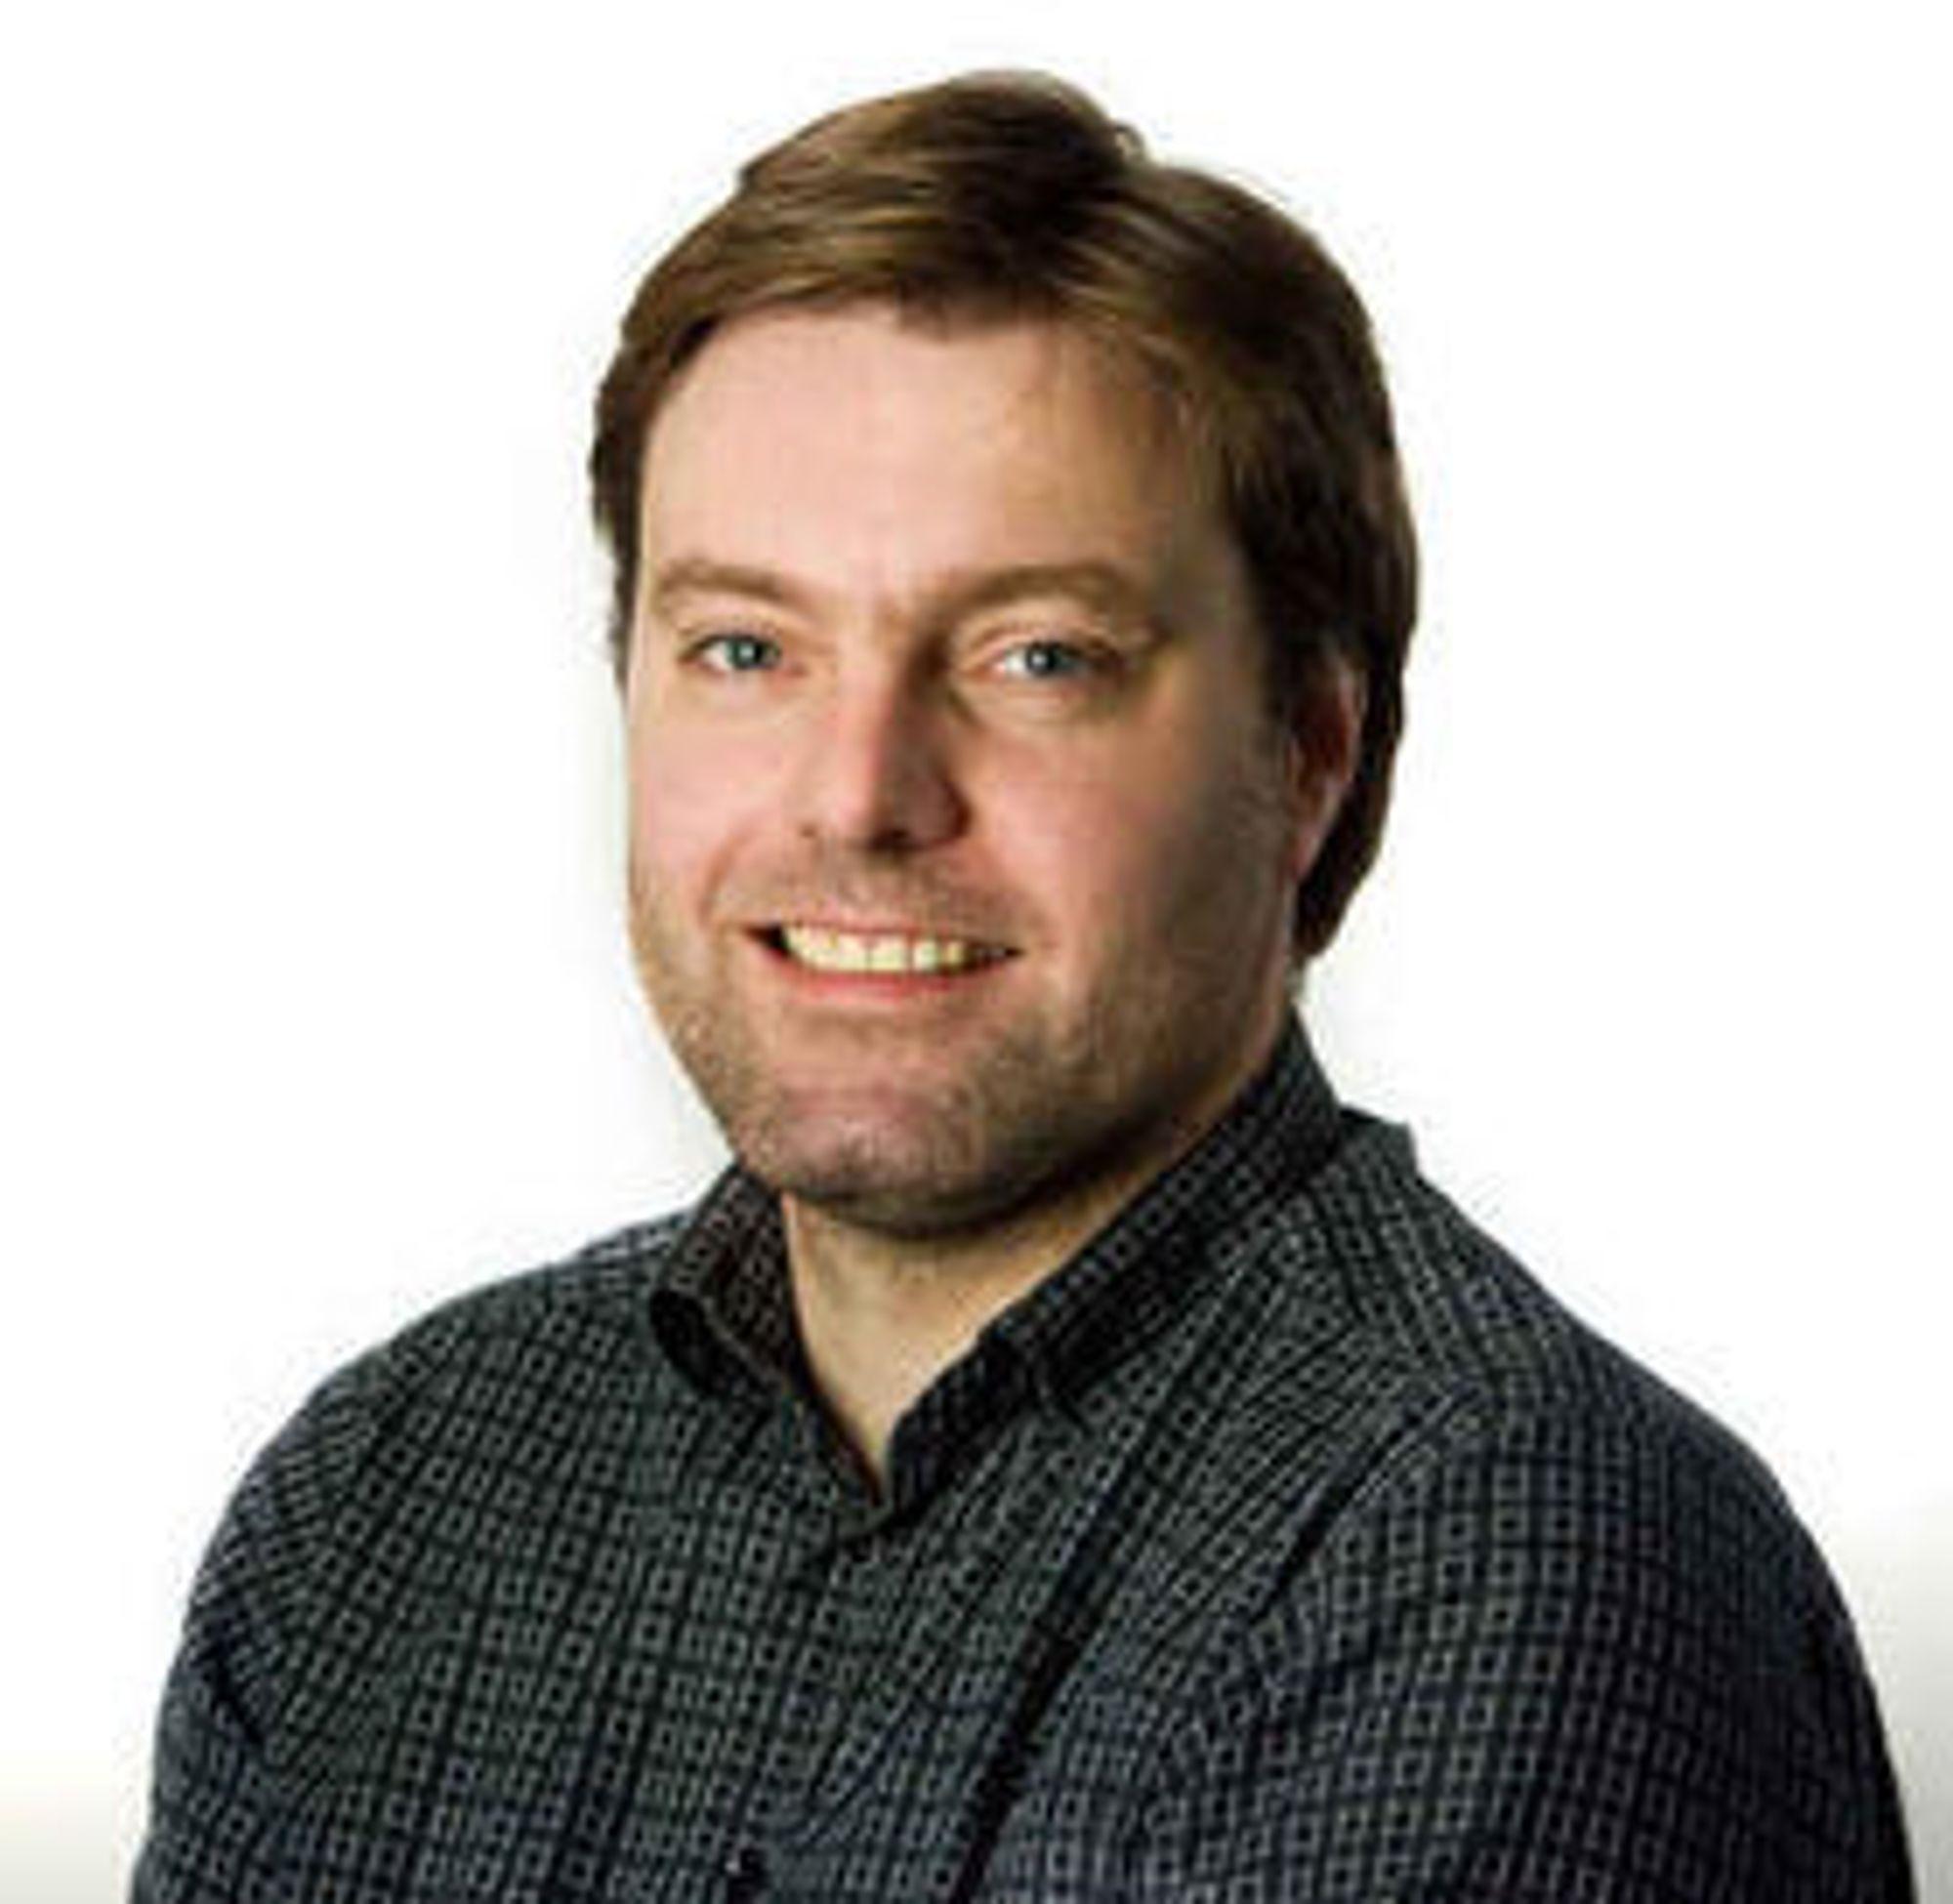 Anders Brenna er styremedlem i Digitalt Personvern og teknologievangelist i Knowit.